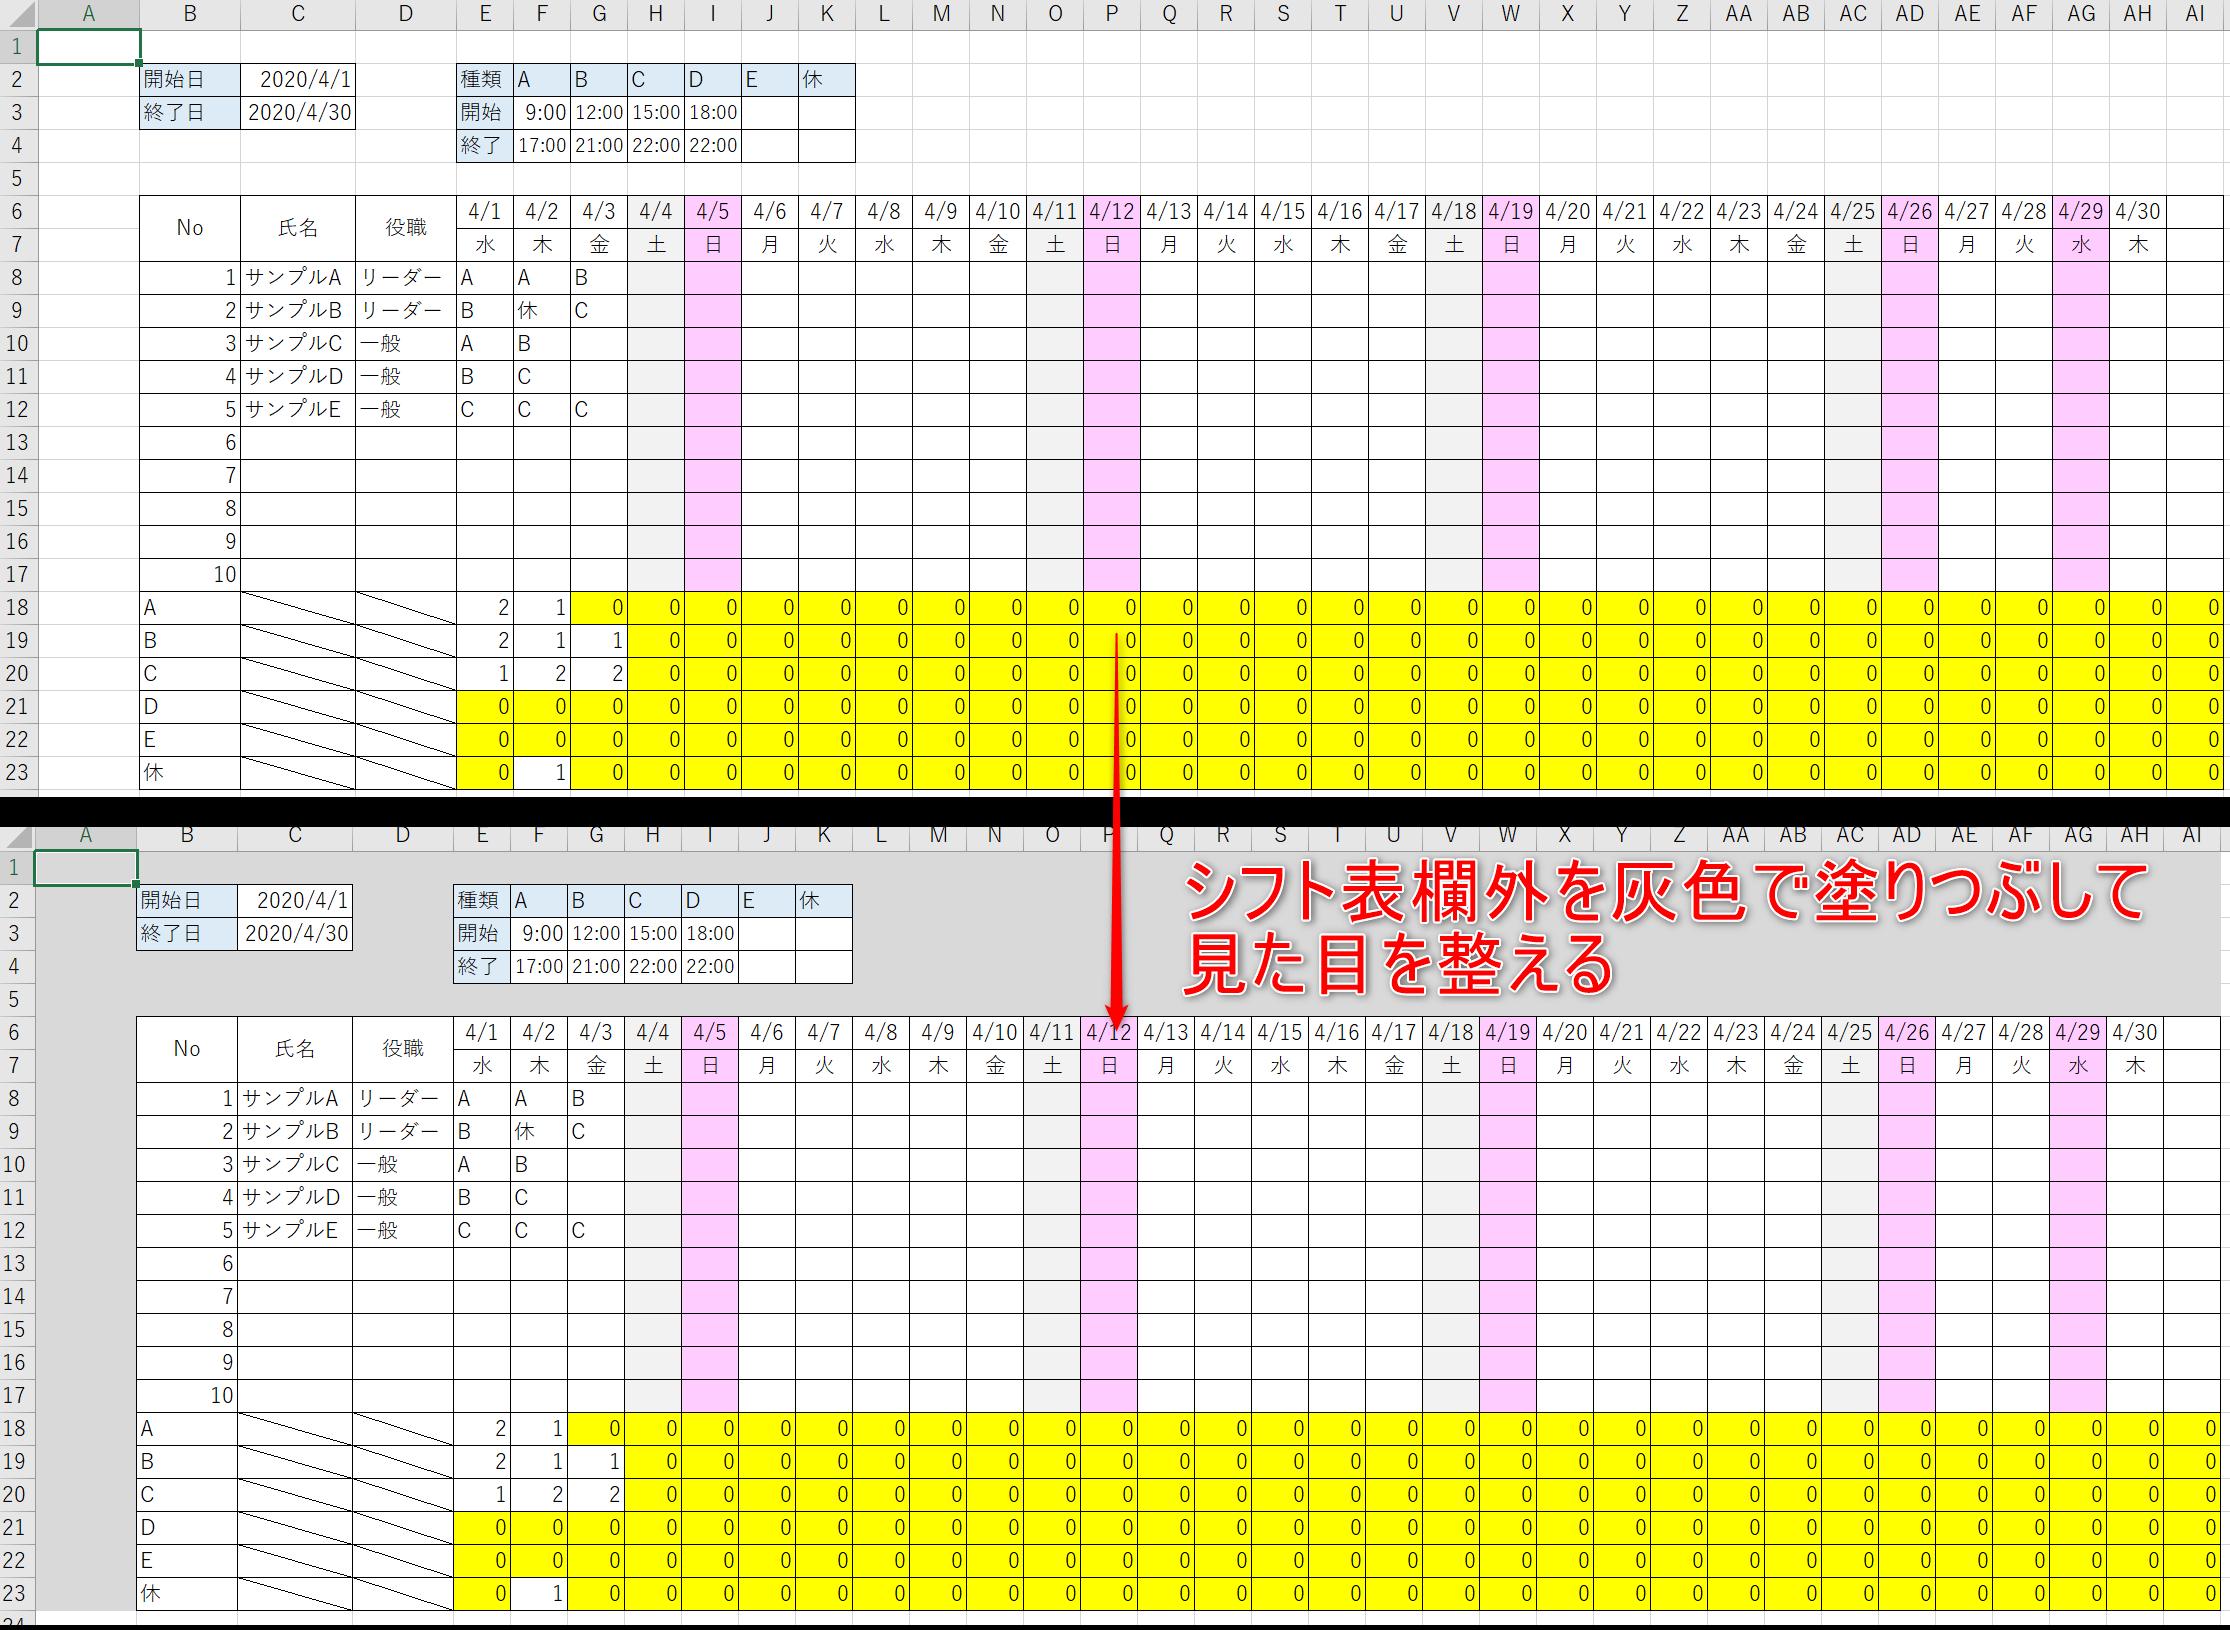 Excelシフト表動画解説記事22